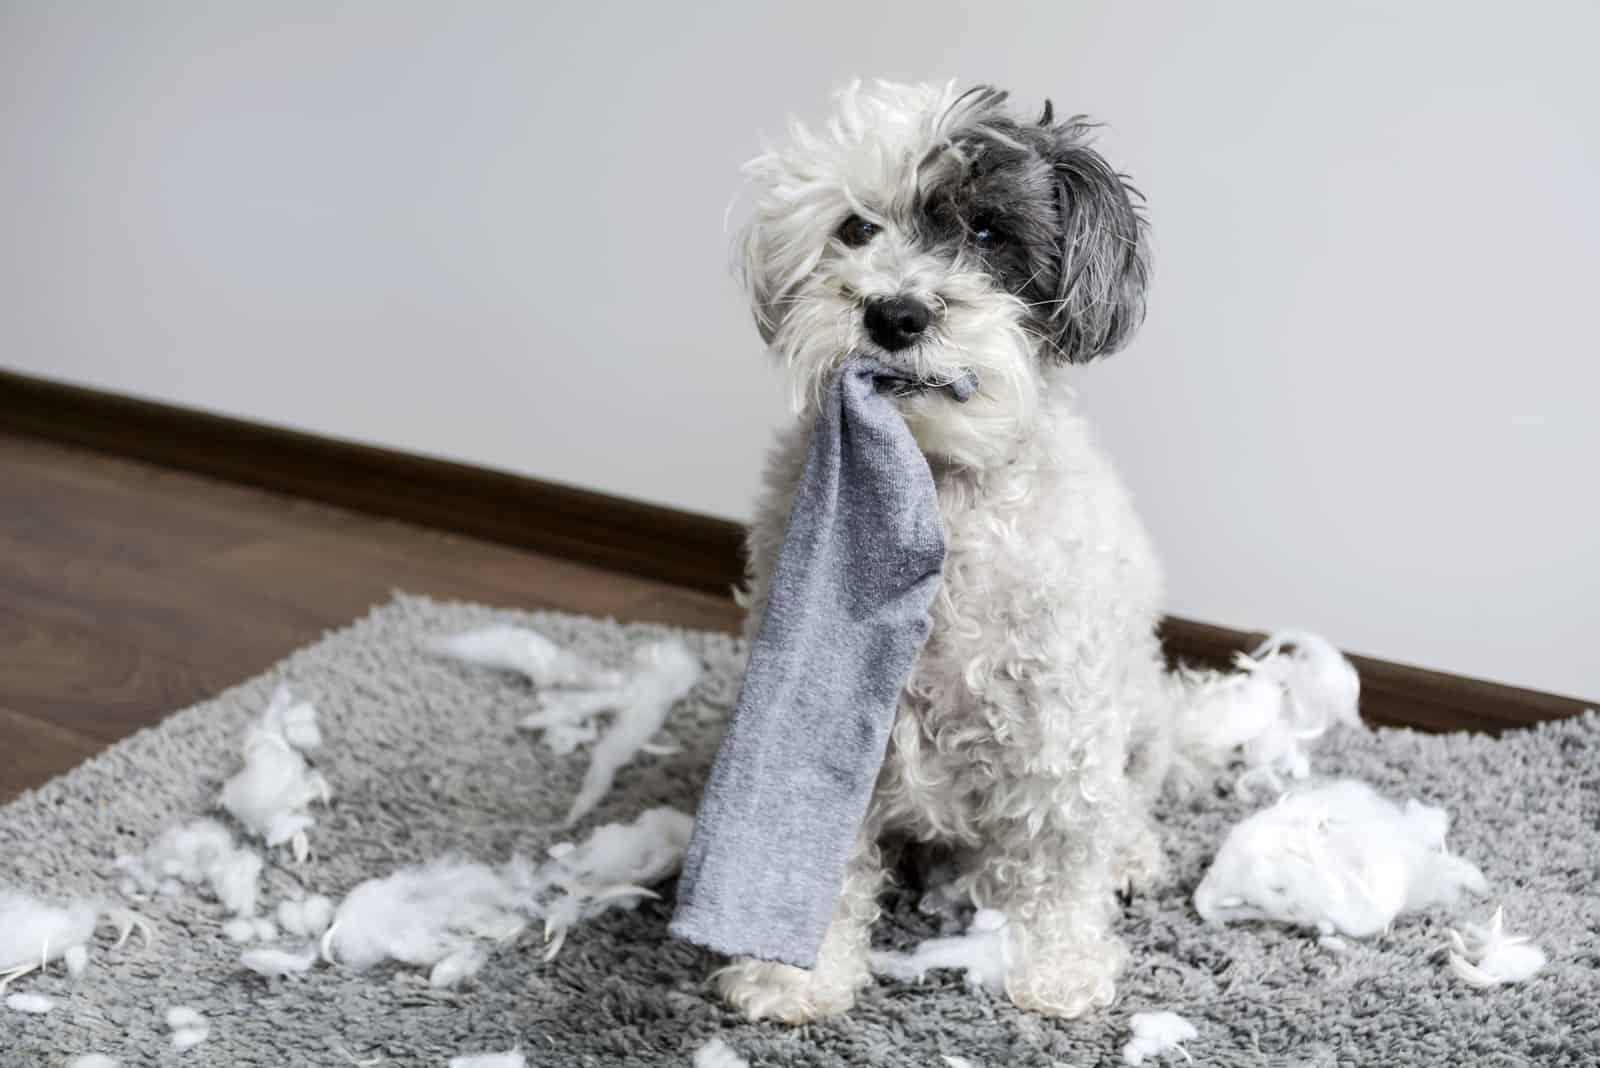 Frecher Pudelhund mit Socke im Mund machte zu Hause ein Chaos